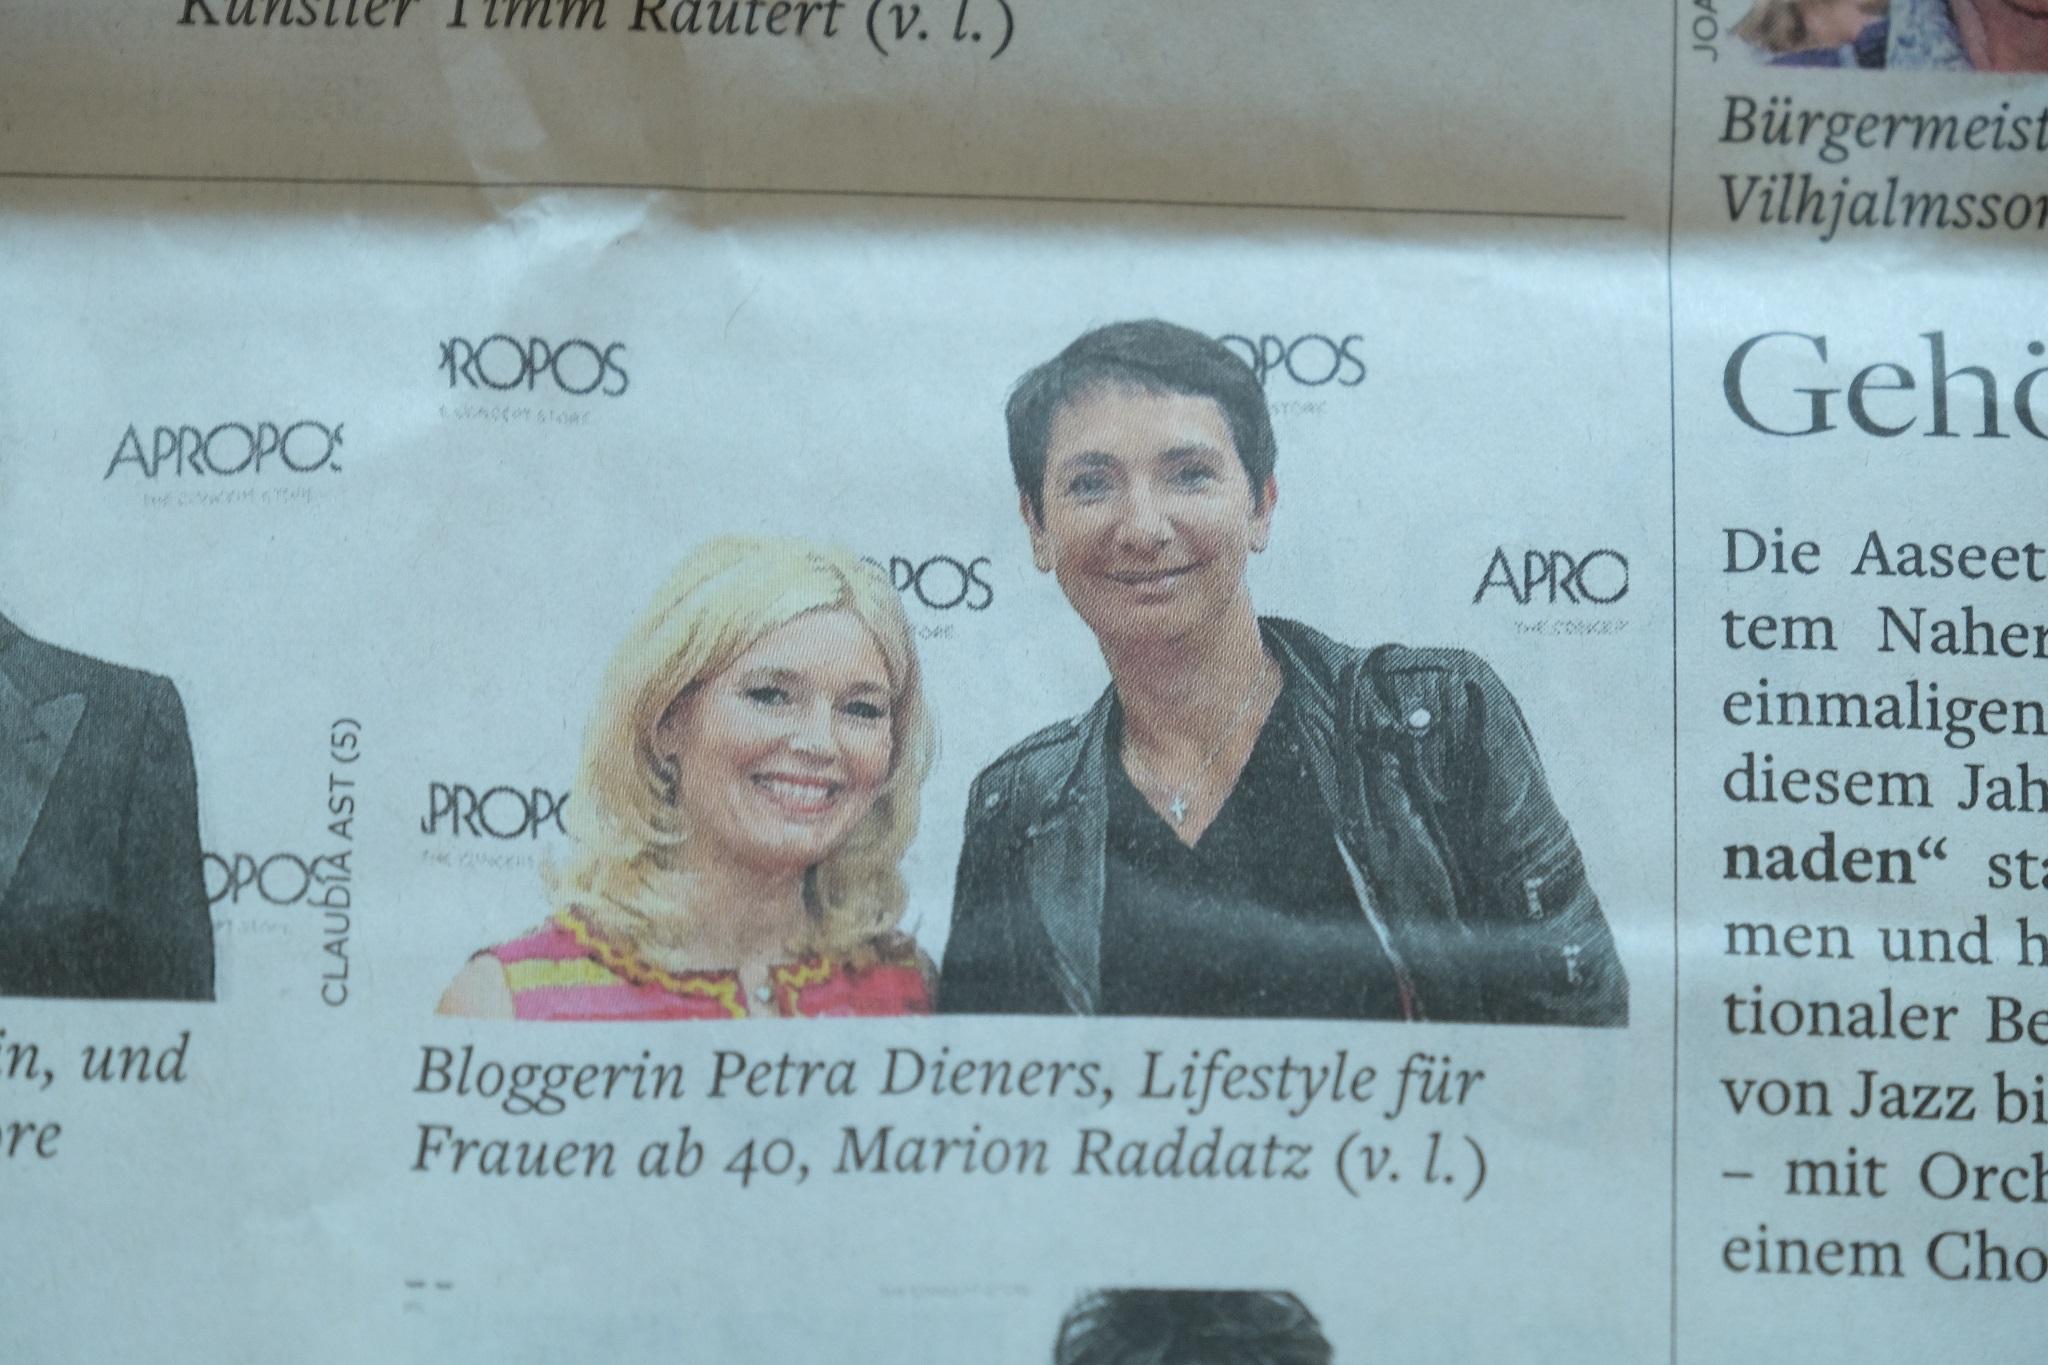 Apropos Concept Store Köln, Apropos Köln, Petra Dieners, Modebloggerin Petra Dieners, Modeblogger, Modeblog, Fashionblog, Lieblingsstil,1